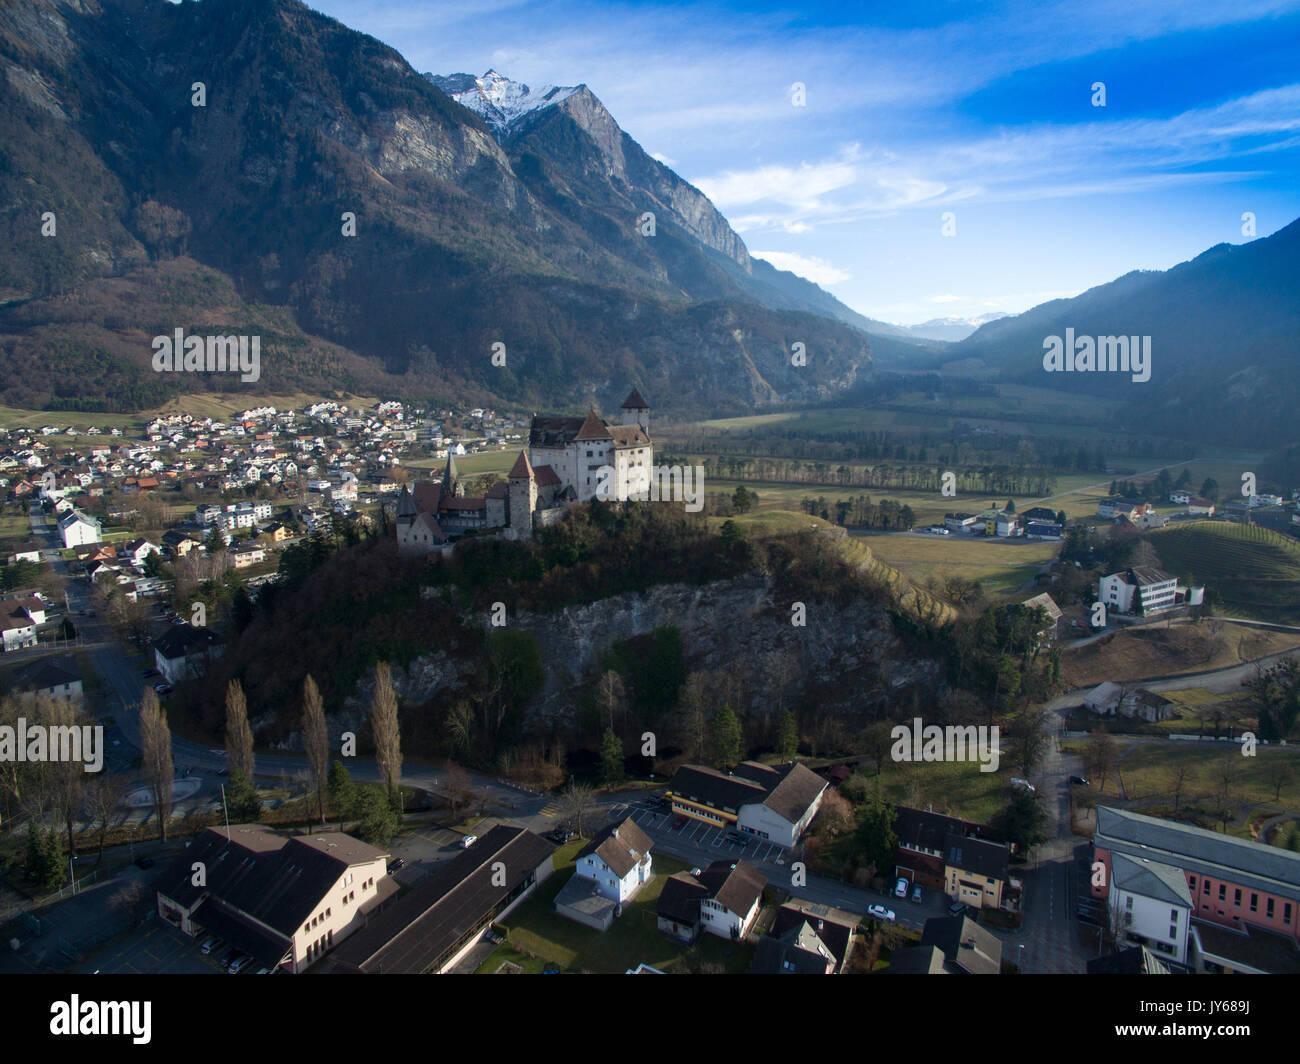 Luftaufnahme der Burg Gutenberg in Balzers im Fürstentum Liechtenstein *** Local Caption *** Balzers, Lichtenstein, Stock Photo